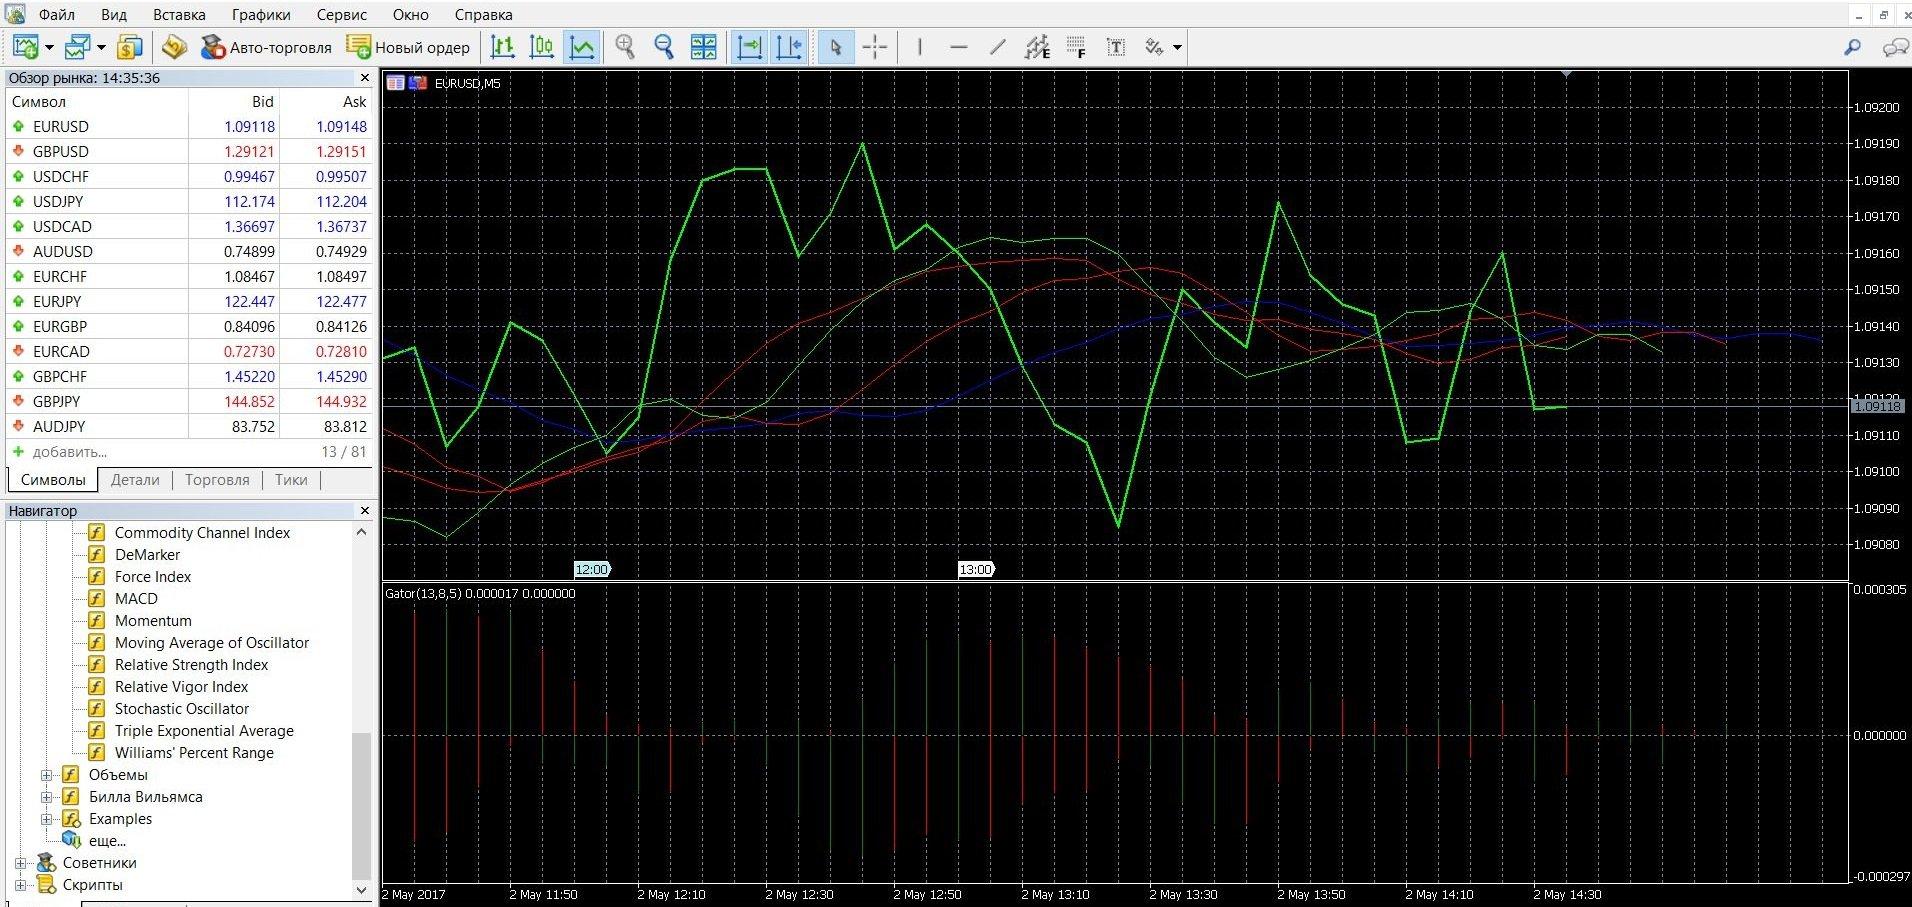 Индикатор Gator точно показывает тренды рынка